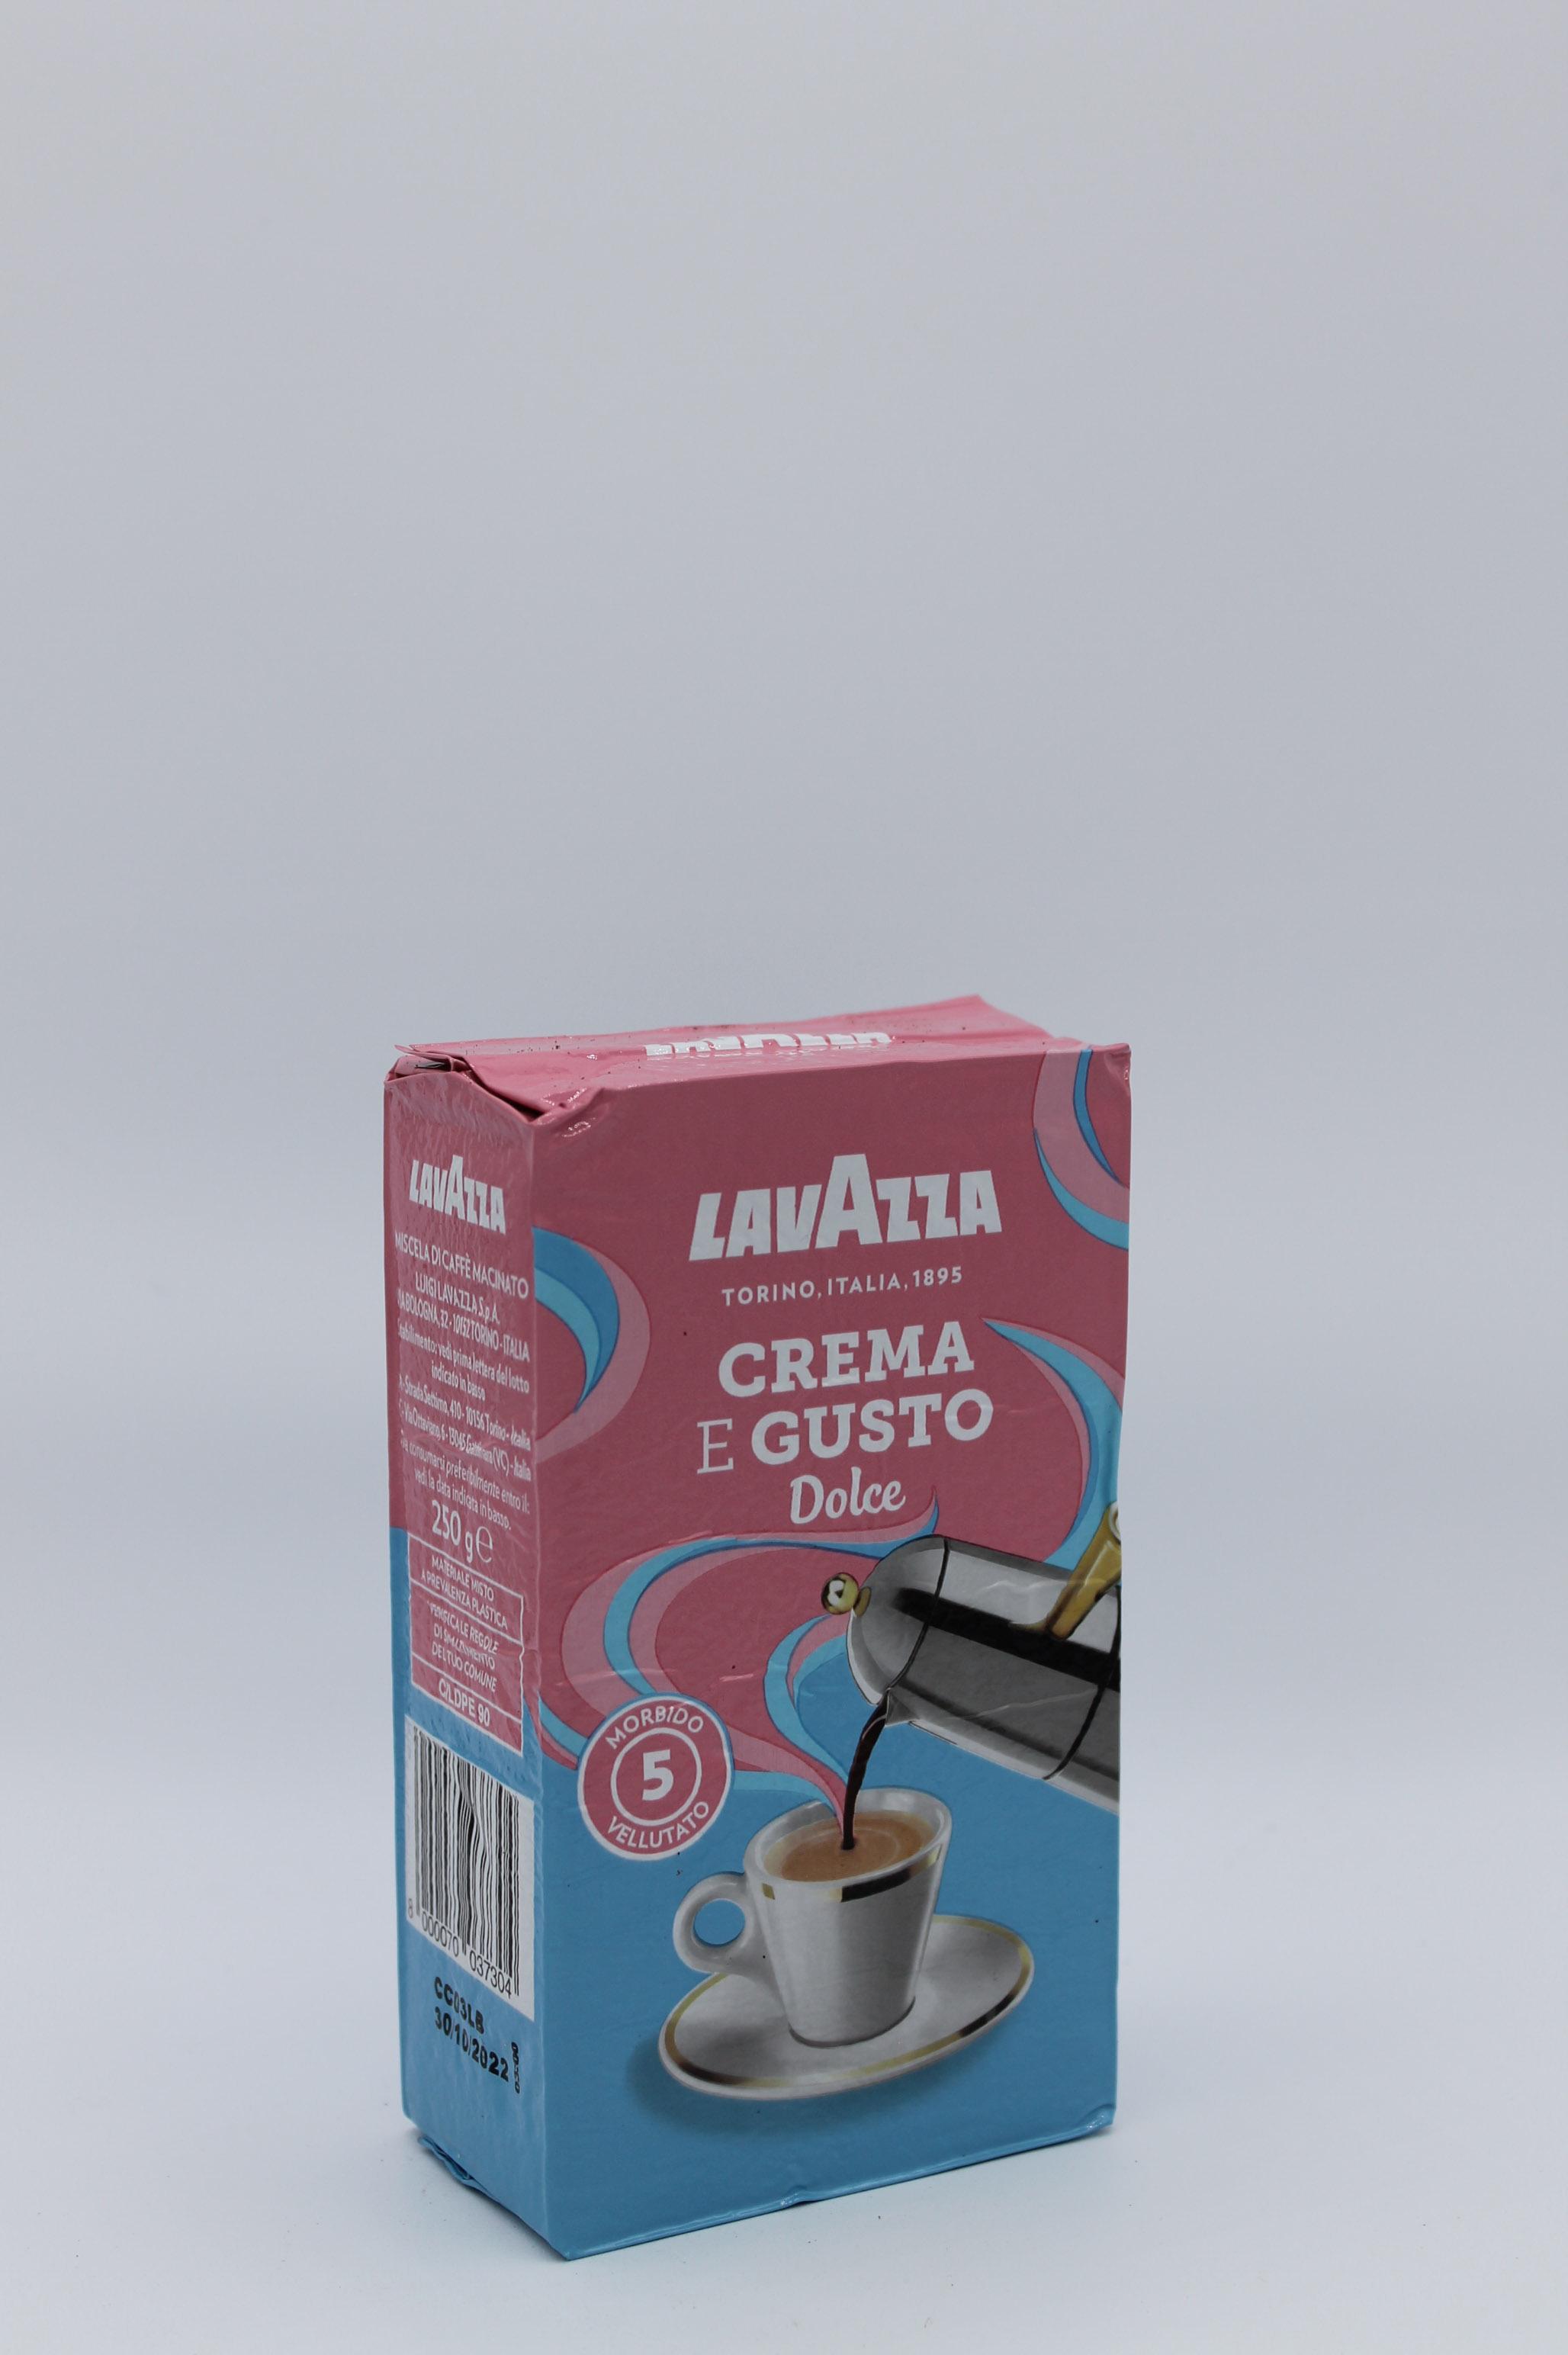 Lavazza crema e gusto dolce 250 gr.